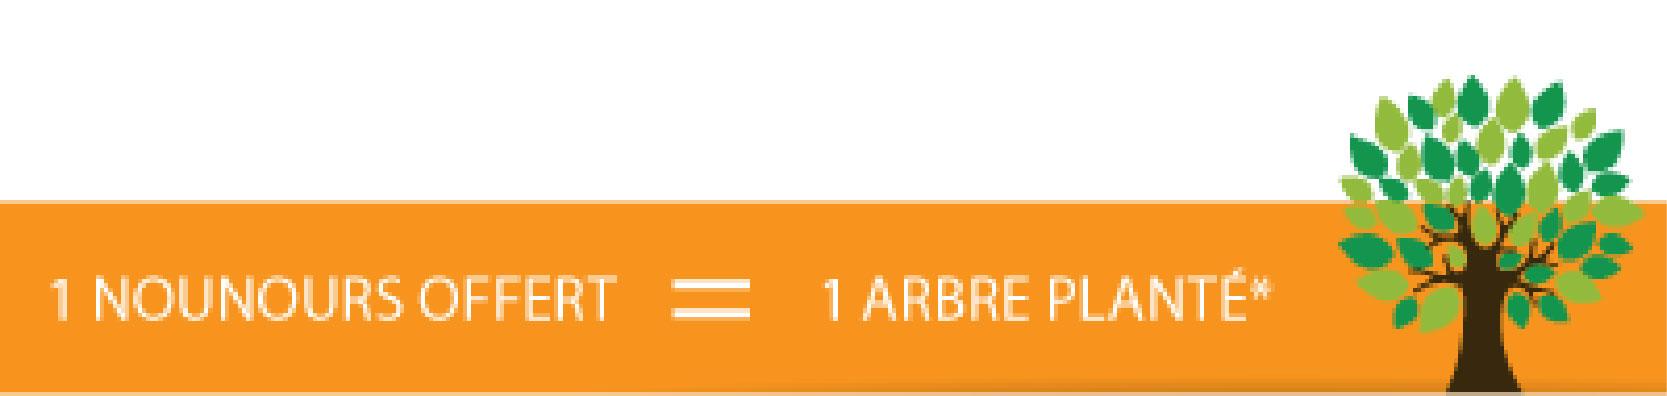 1 nounours offert = 1 arbre planté